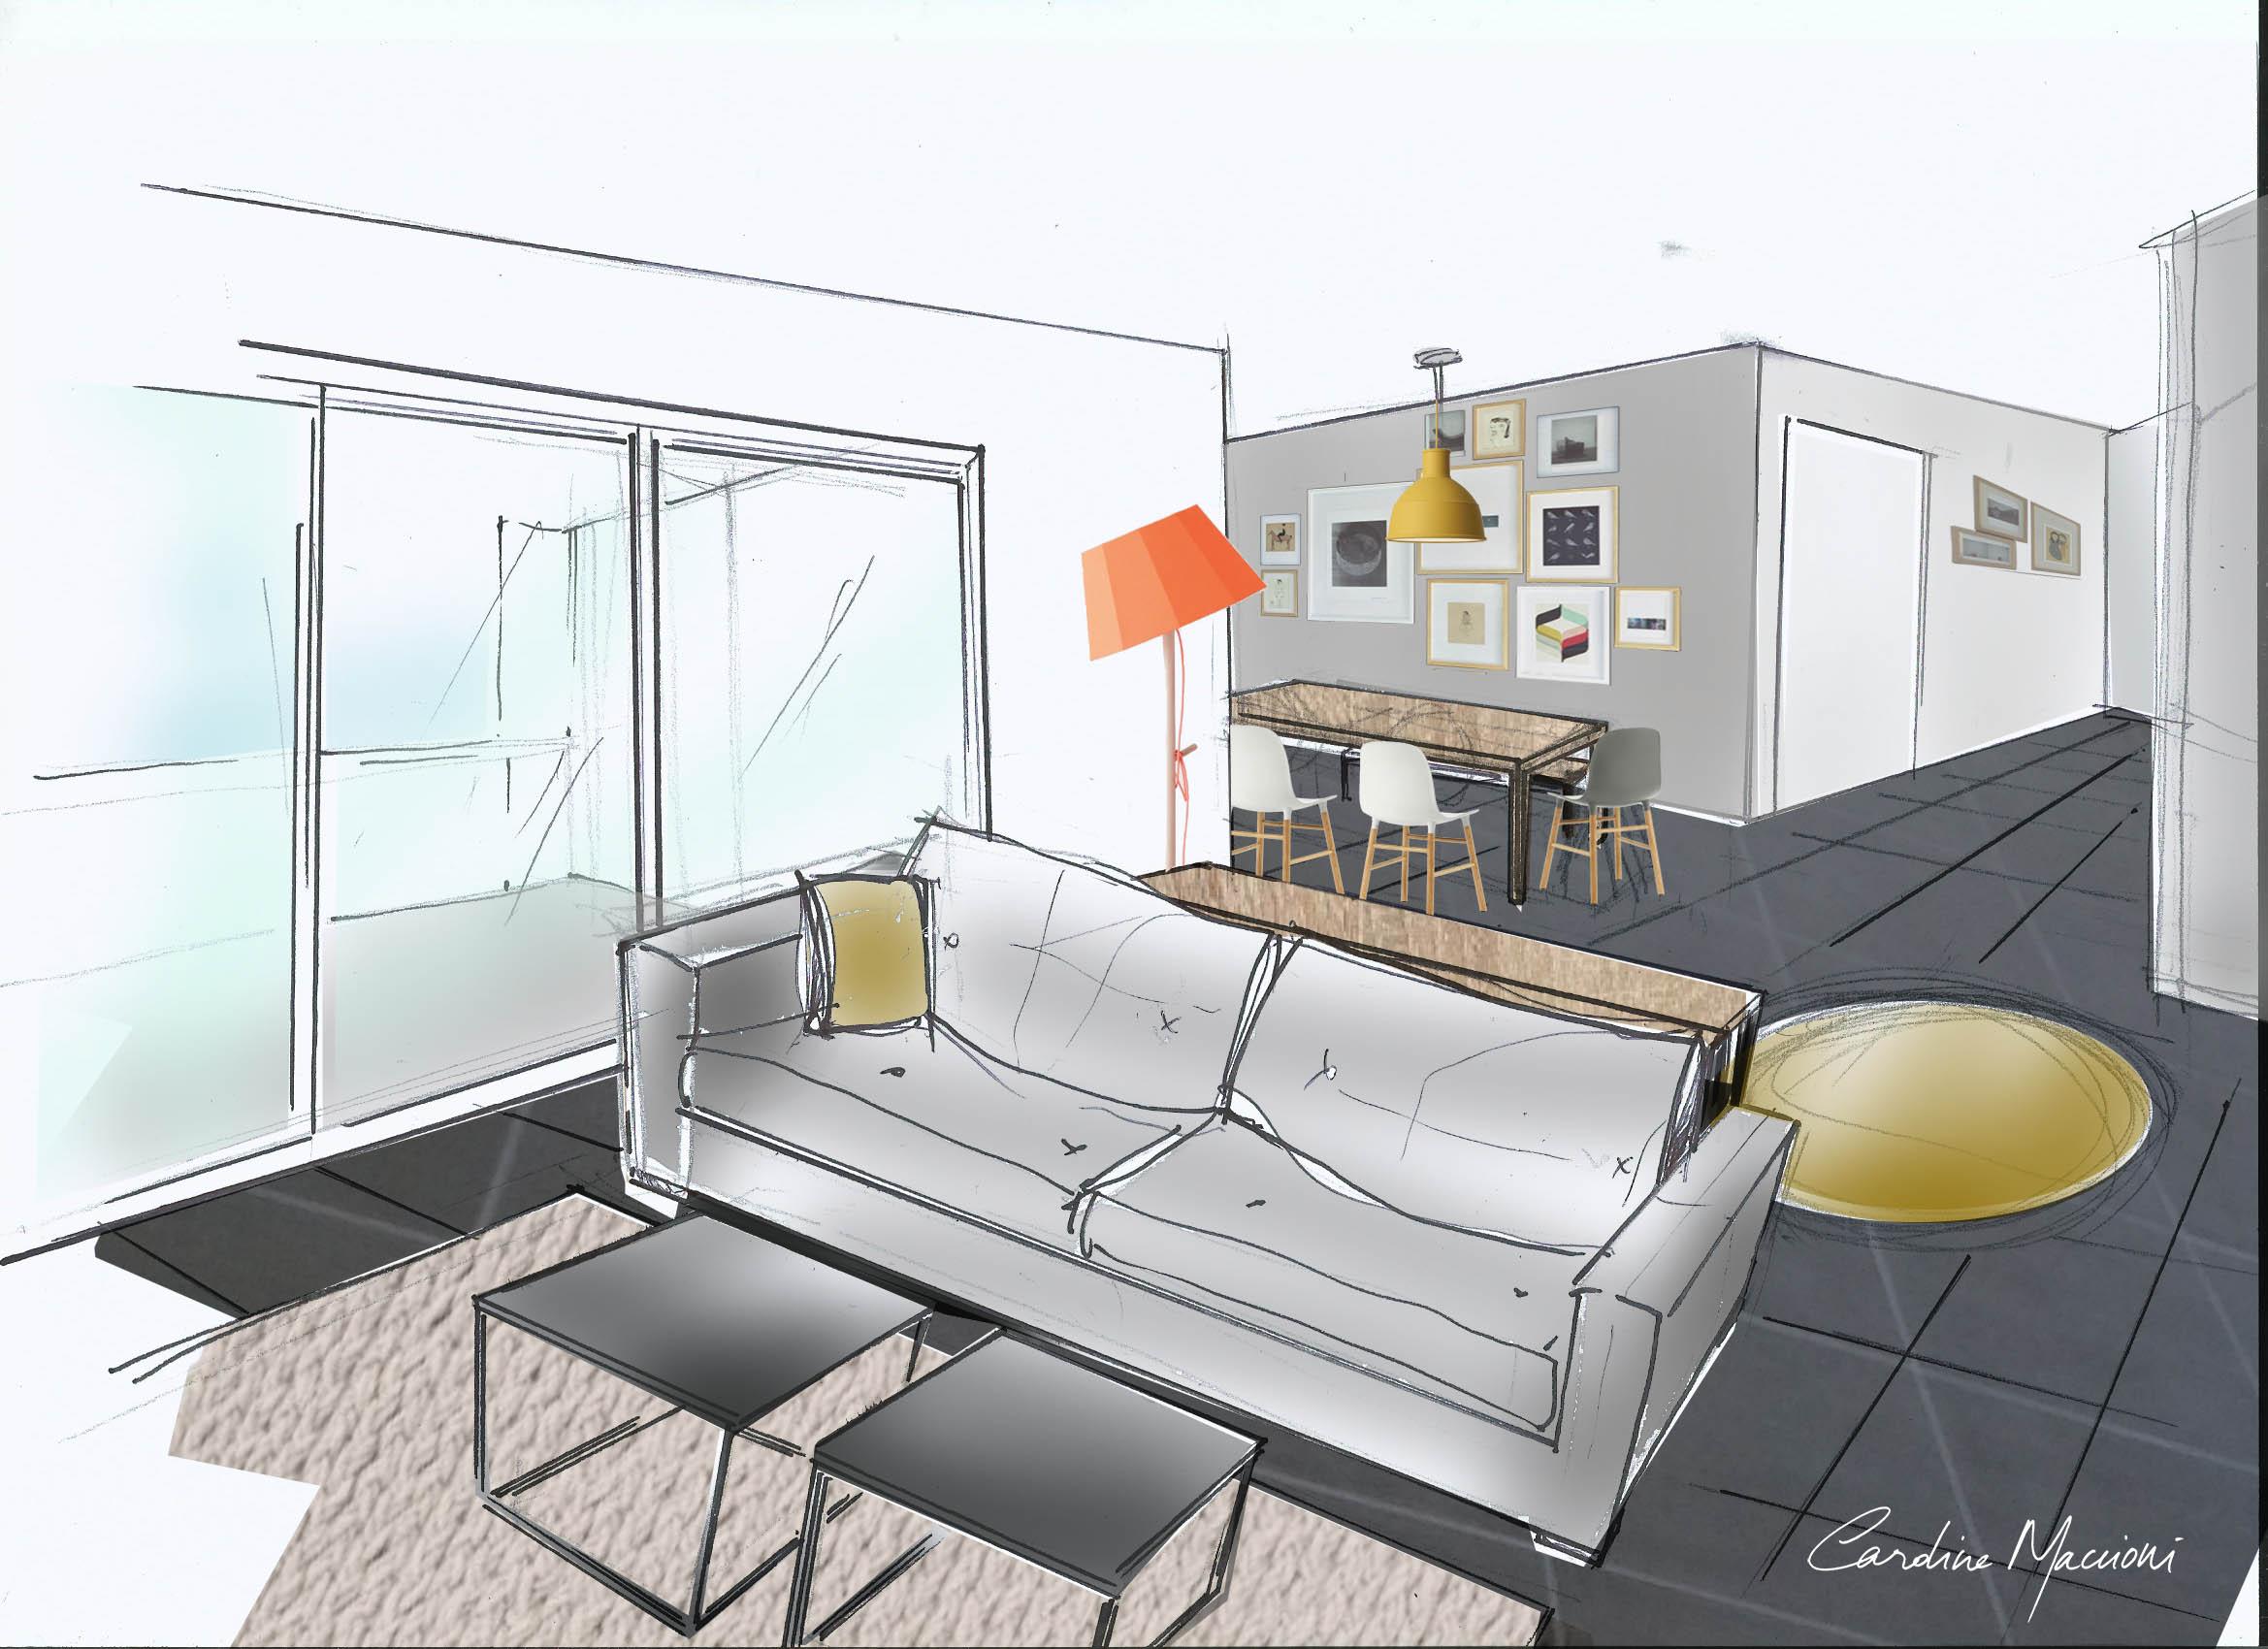 architecte dintrieur bayonne intrieur dcoration architecte dintrieur bayonne bayonne. Black Bedroom Furniture Sets. Home Design Ideas